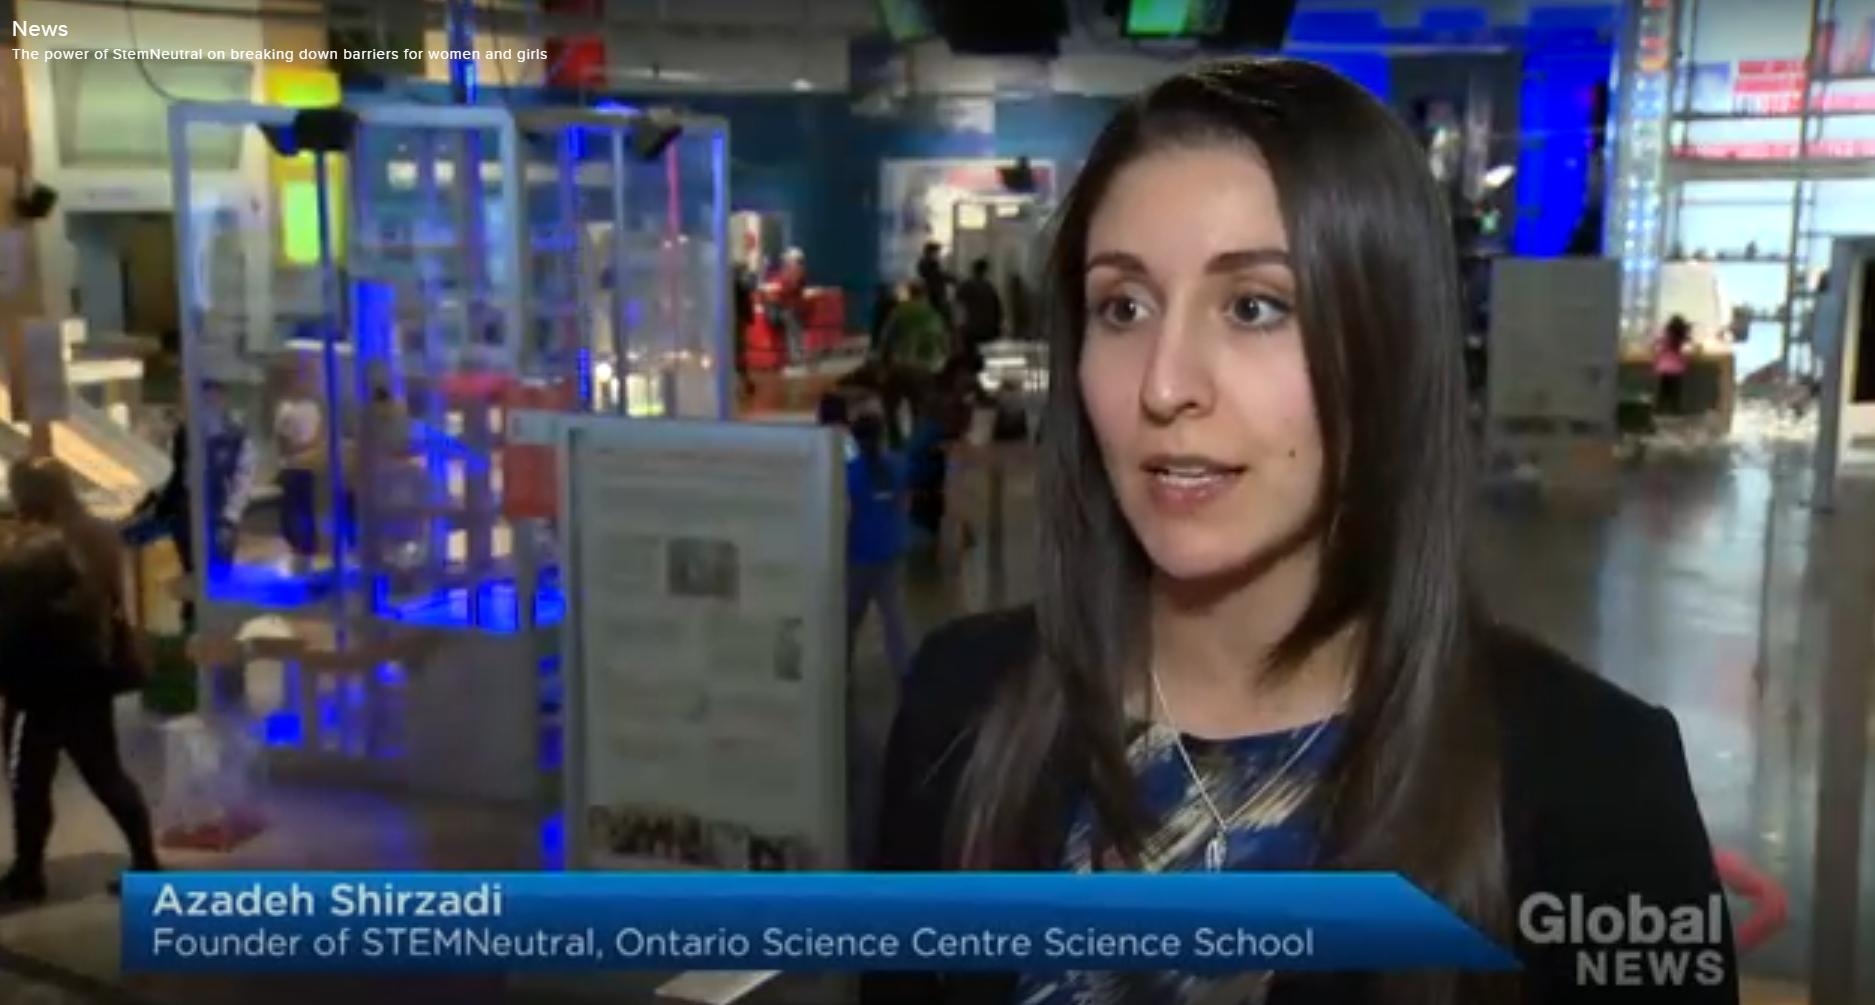 Global News - Interview Screenshot - Azadeh Founder - 1.png